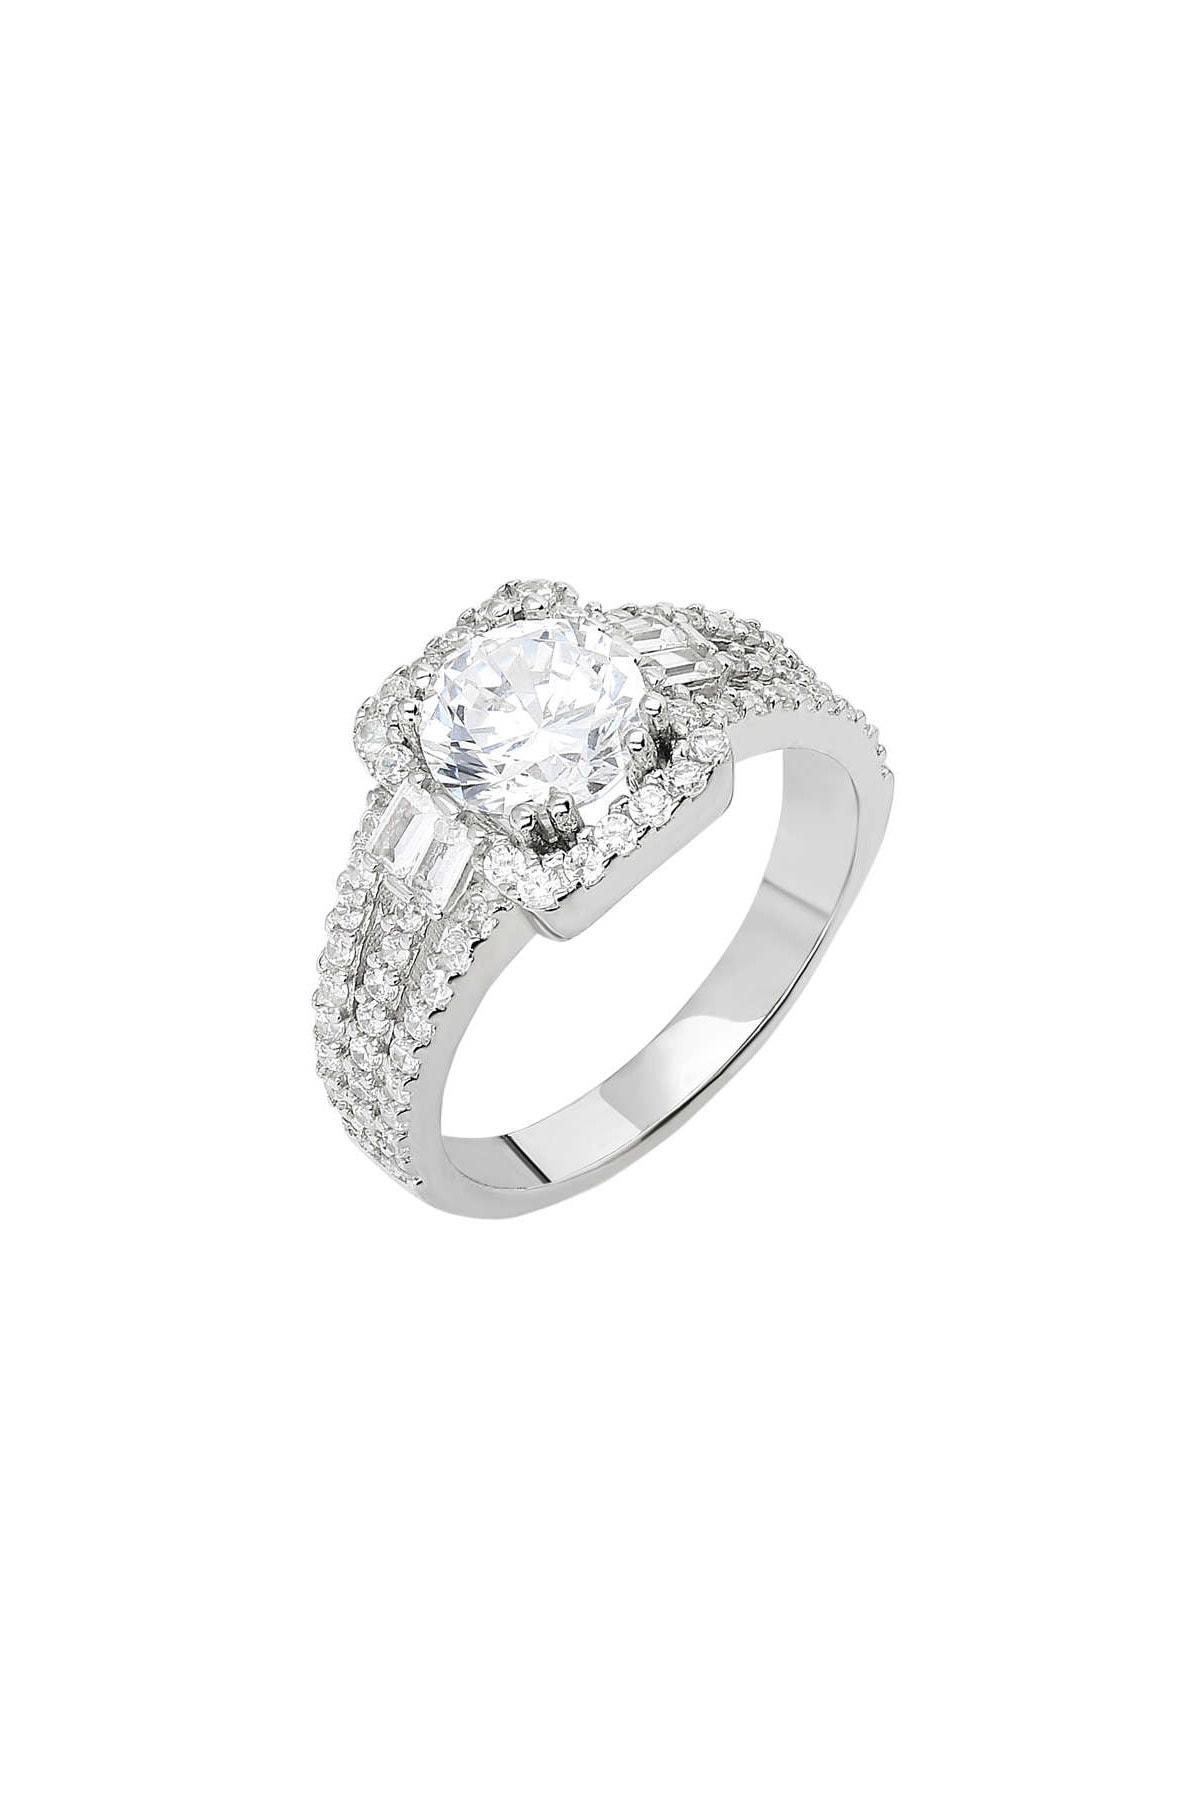 Tesbihane Starlight Diamond Pırlanta Montür Efektli 925 Ayar Gümüş Bayan Baget Yüzük 102001799 3